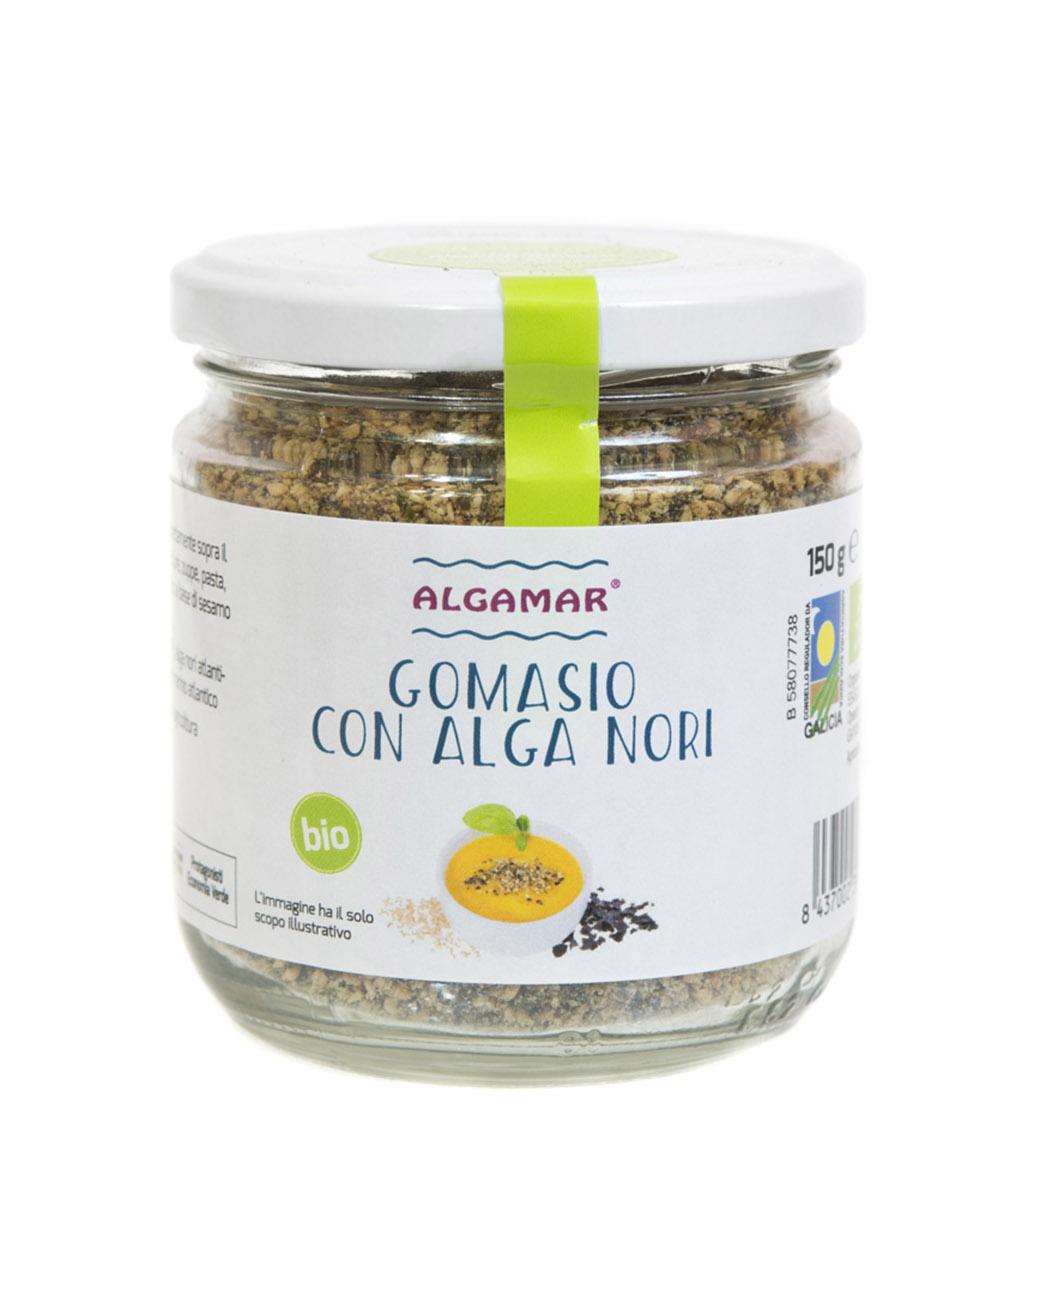 19-algamar-gomasio-alga-nori-italia